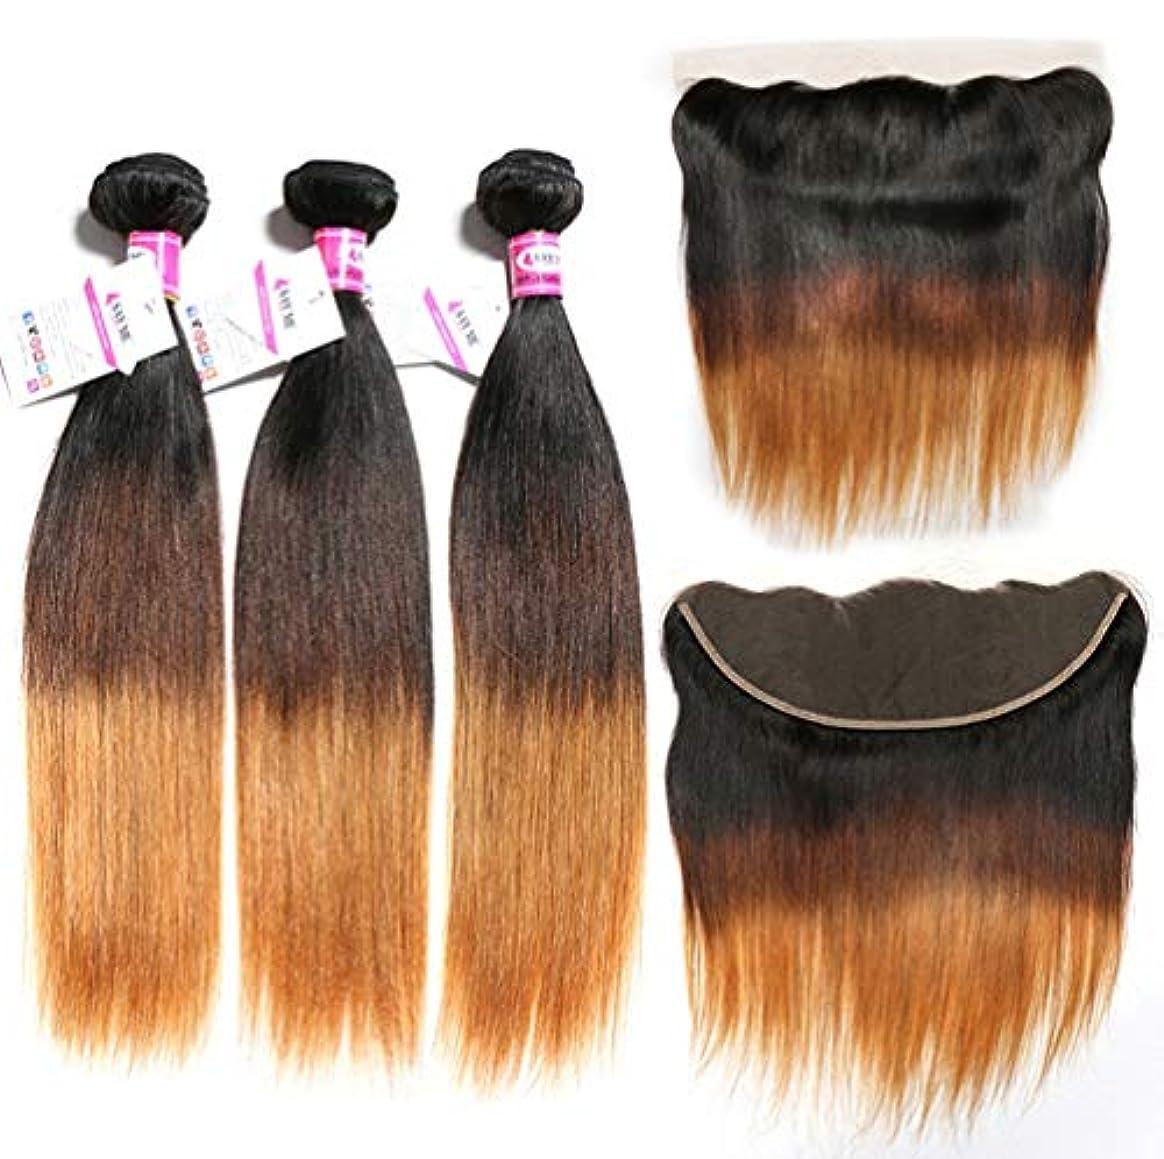 武装解除仮称ドルブラジルの100%の人間の毛髪の束の閉鎖のまっすぐな実質のRemyの自然な毛は延長延長よこ糸3の束+ 1を閉めました